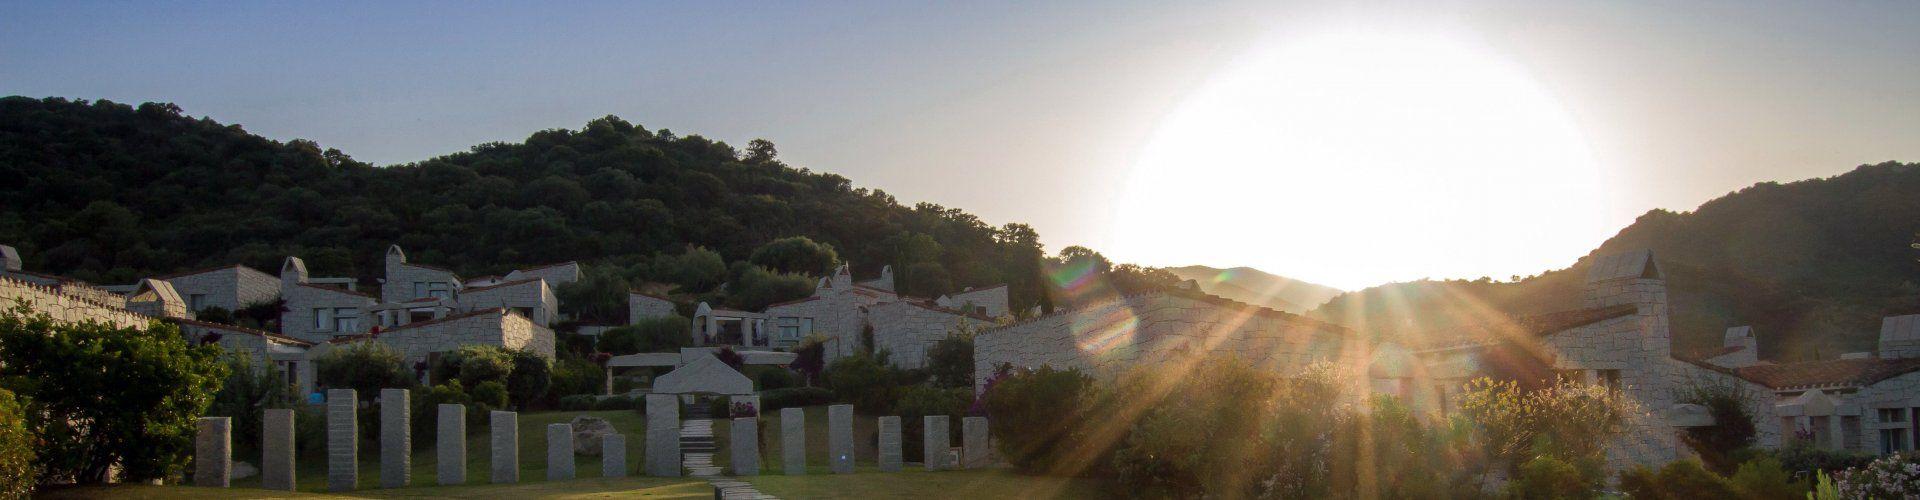 Ferienvilla in stilvoller Häuseranlage mit Gemeinschaftspool in Süd-Ost Sardinien